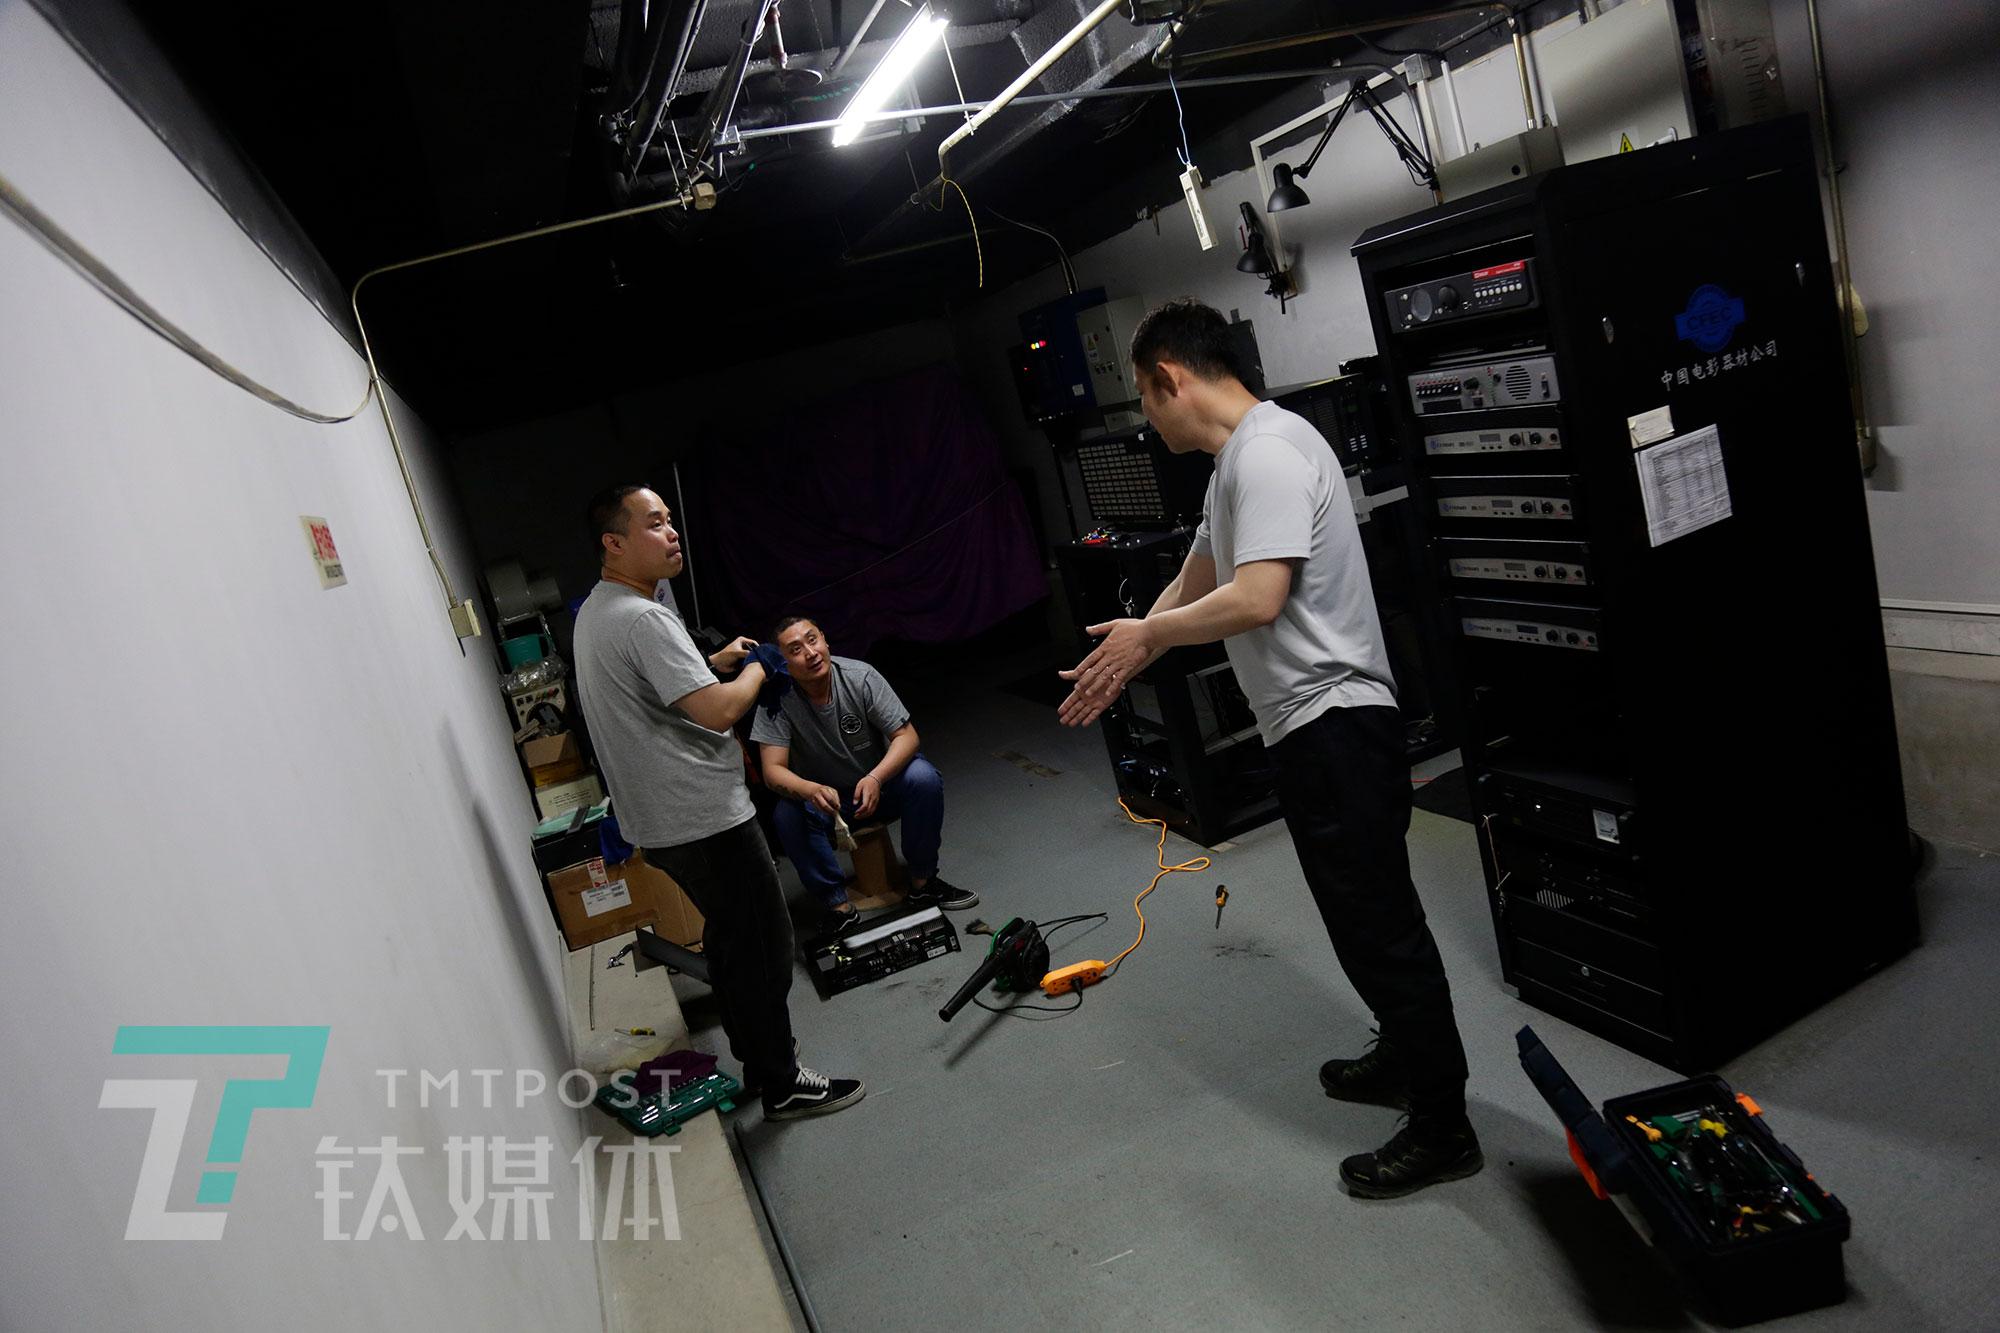 5月8日,放映部工作人员在调整仪器设备。